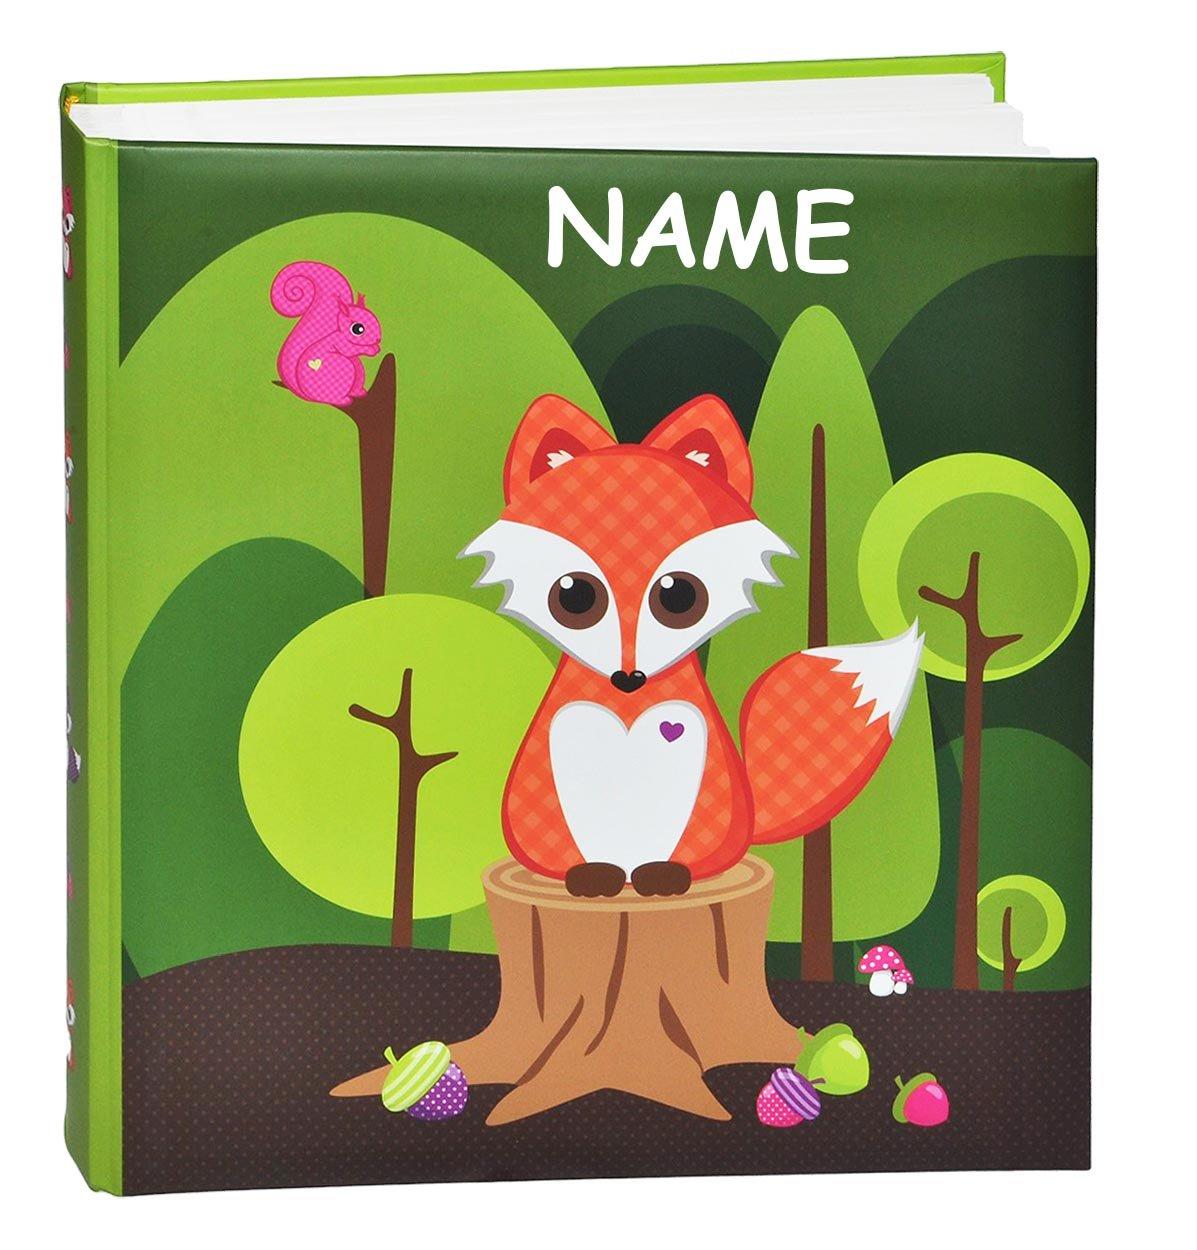 Unbekannt Fotoalbum Fuchs Tier Eichhörnchen - incl. Namen - Gebunden zum Einkleben blanko - groß für bis zu 336 Bilder - Fotobuch / Photoalbum / Kinderalbum / Album - f..